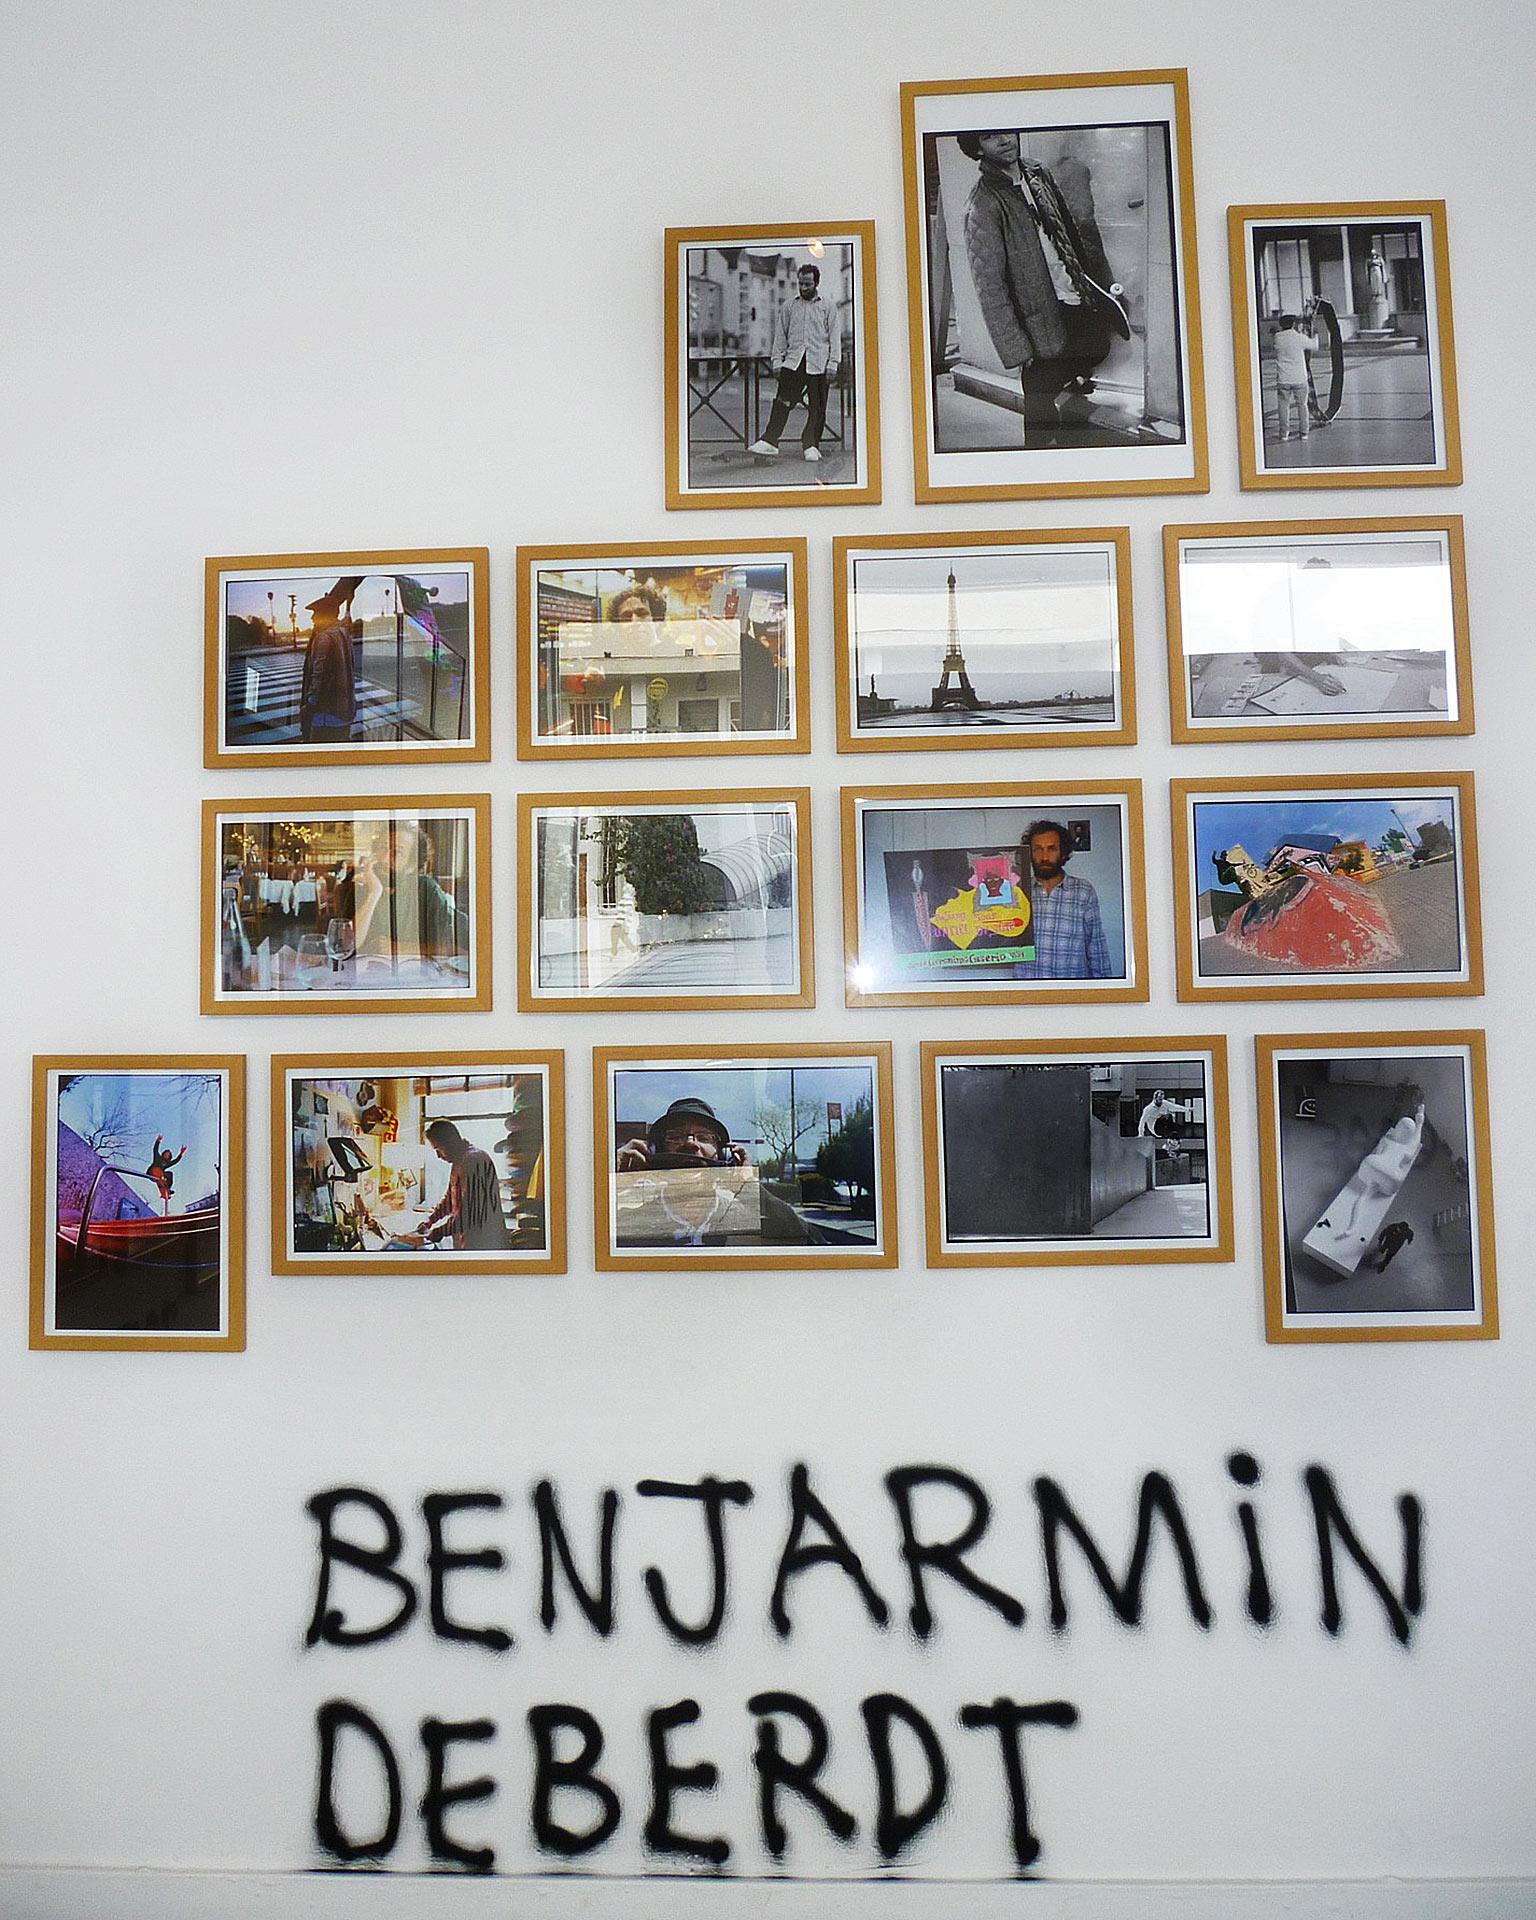 Benjarmin Deberdt